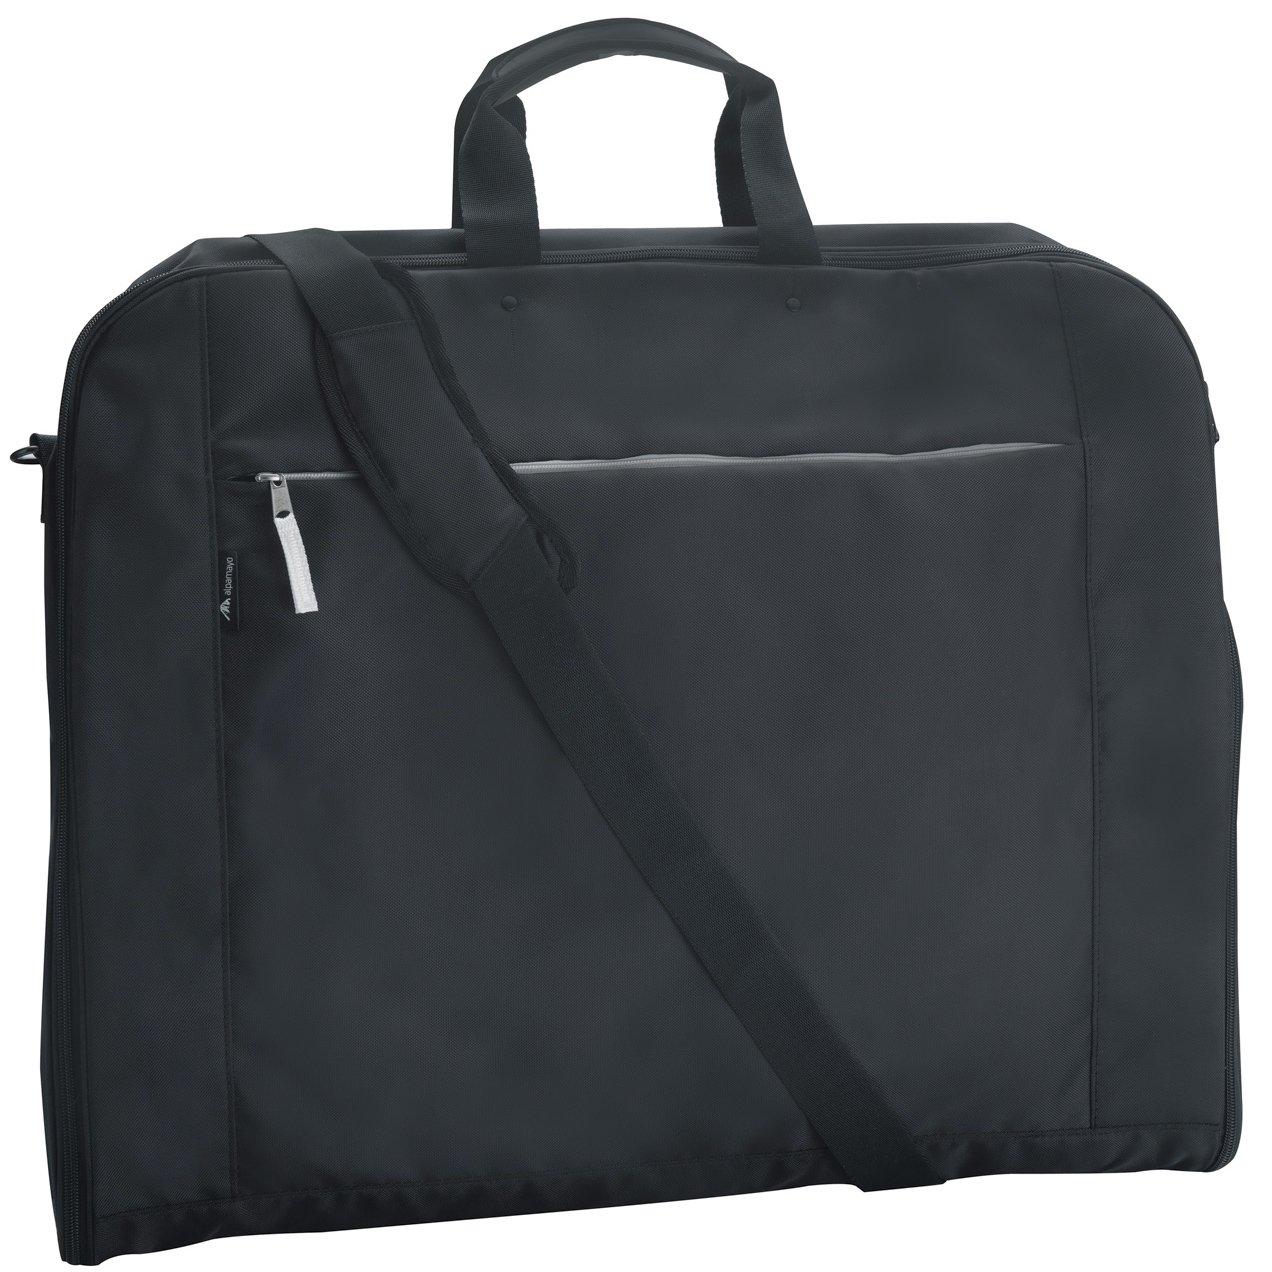 Alpamayo® borsa per abiti, sacca porta abiti con scomparto per laptop e tracolla, ideale per il trasporto senza pieghe di abiti quando si viaggia, come bagaglio a mano o in valigia ALP-GAB2